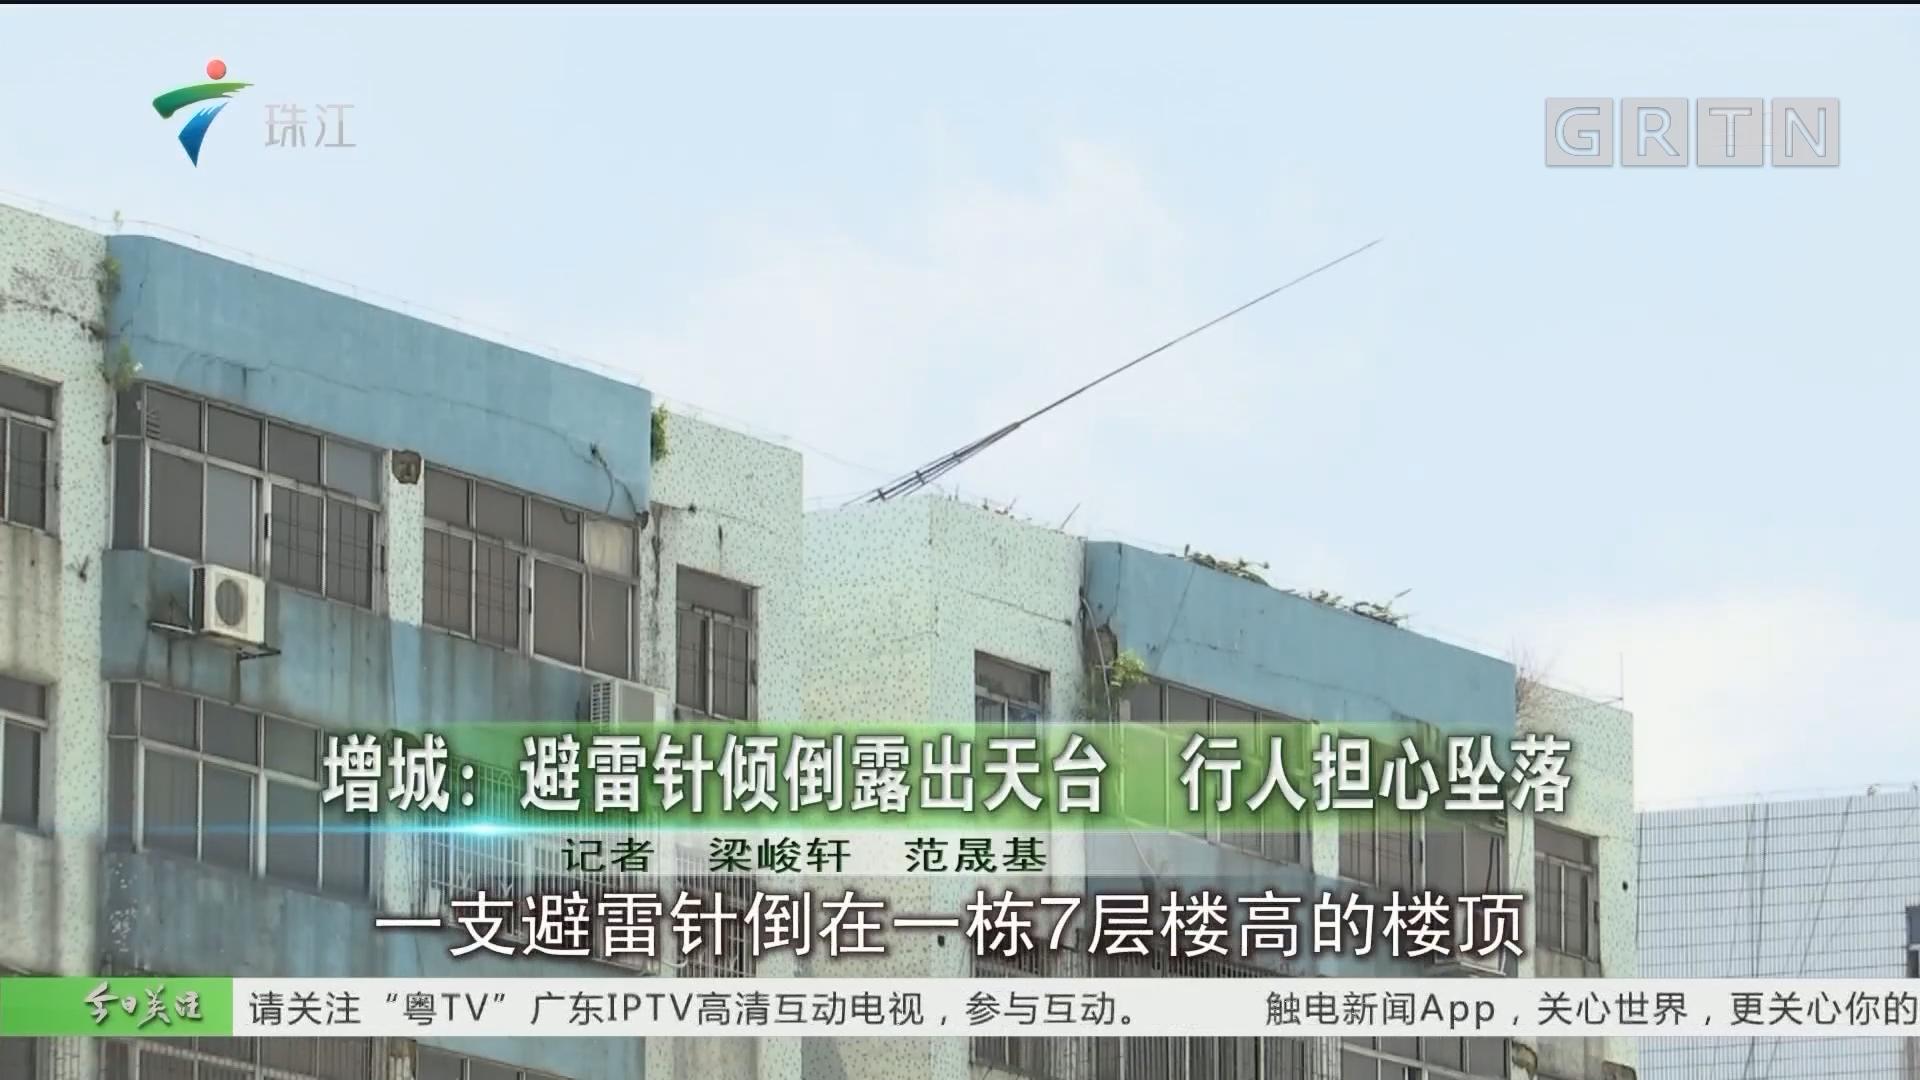 增城:避雷针倾倒露出天台 行人担心坠落